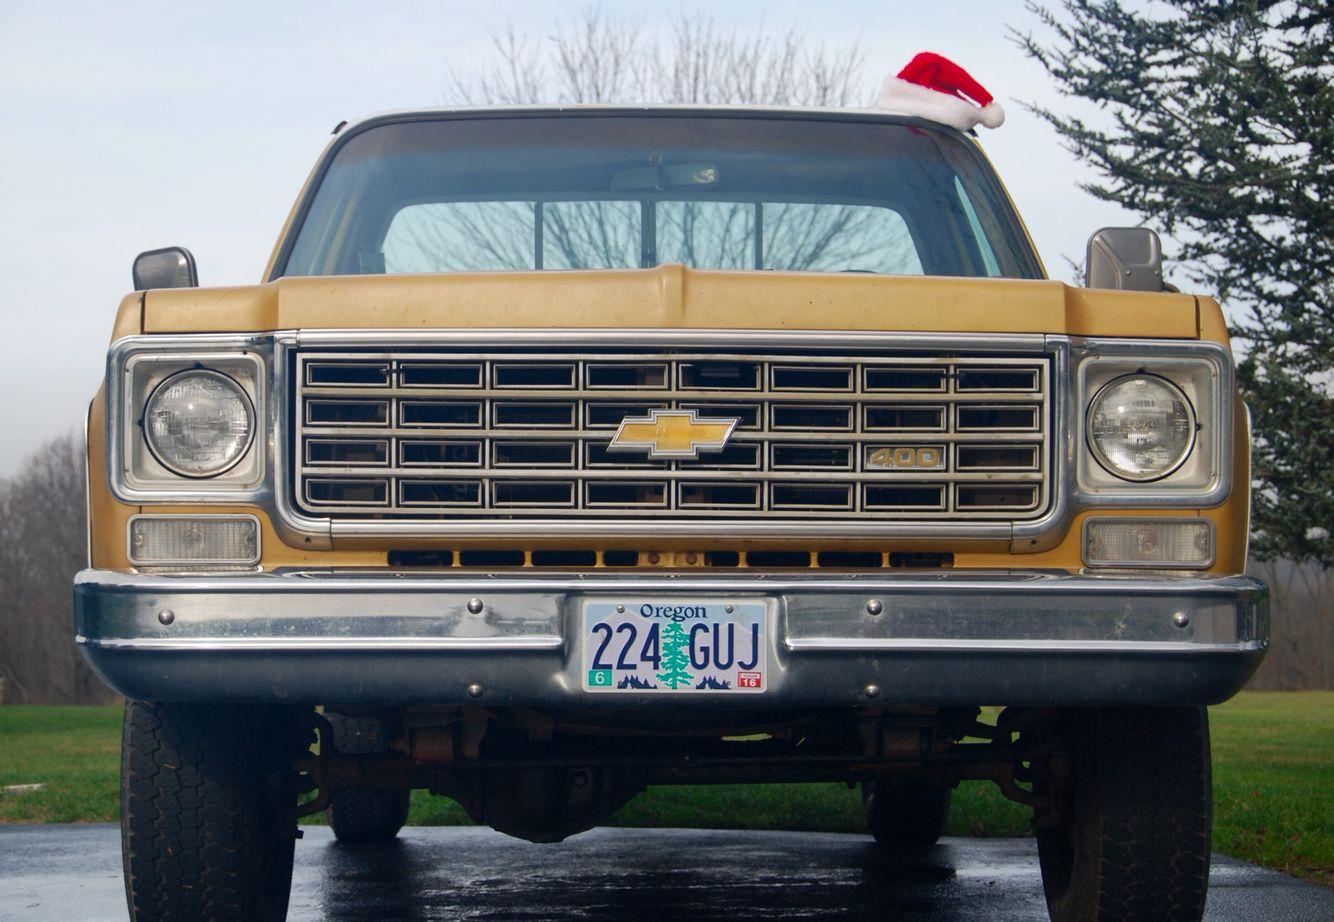 My 1976 Chevy Silverado K20 Camper Special Merry Christmas Chevy Chevy Trucks Chevy Silverado